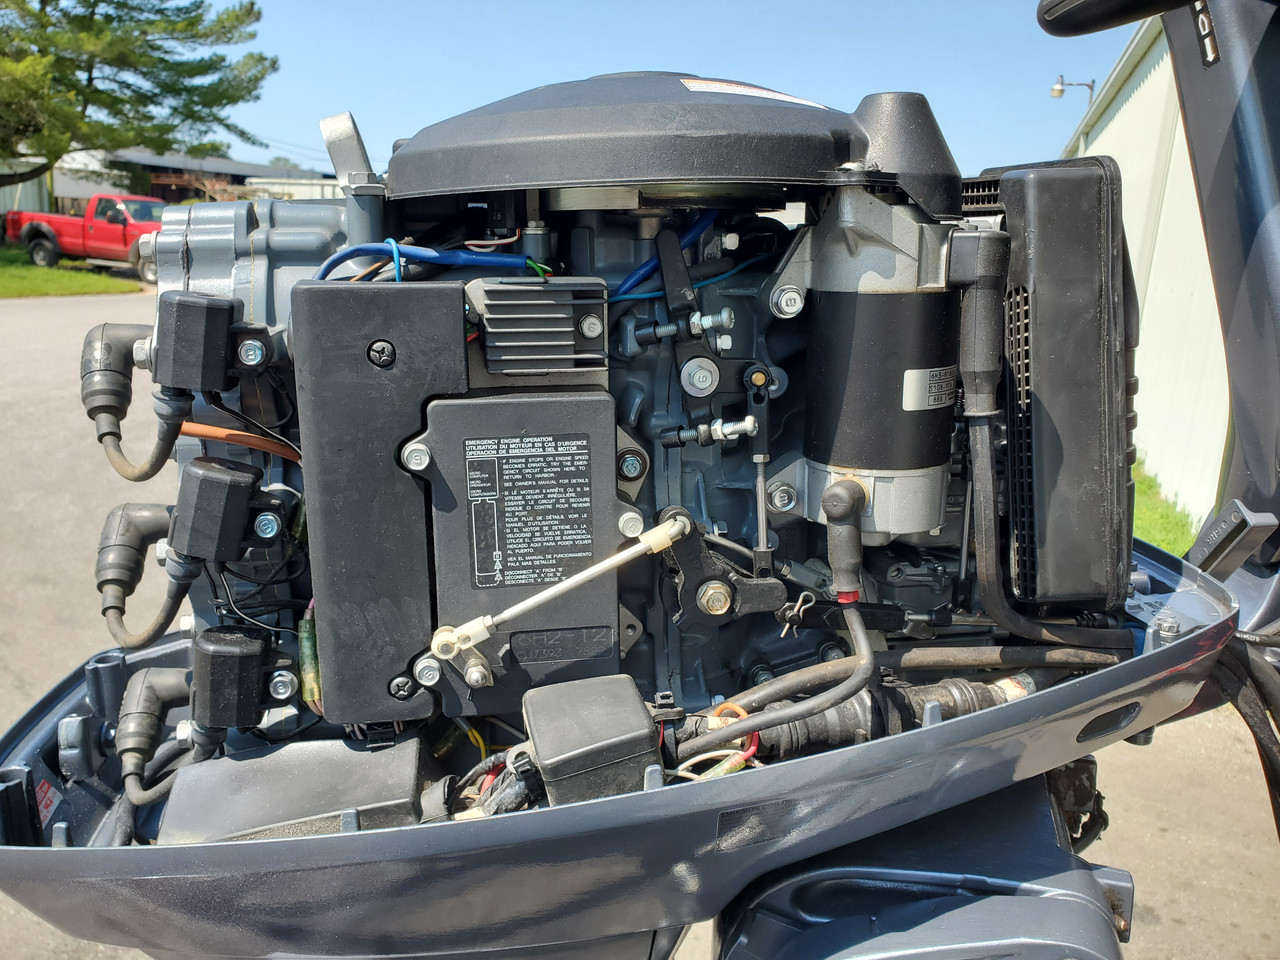 """2009 Yamaha 70 HP 3-Cyl Carbureted 2-Stroke 20"""" (L) Tiller Outboard Motor"""